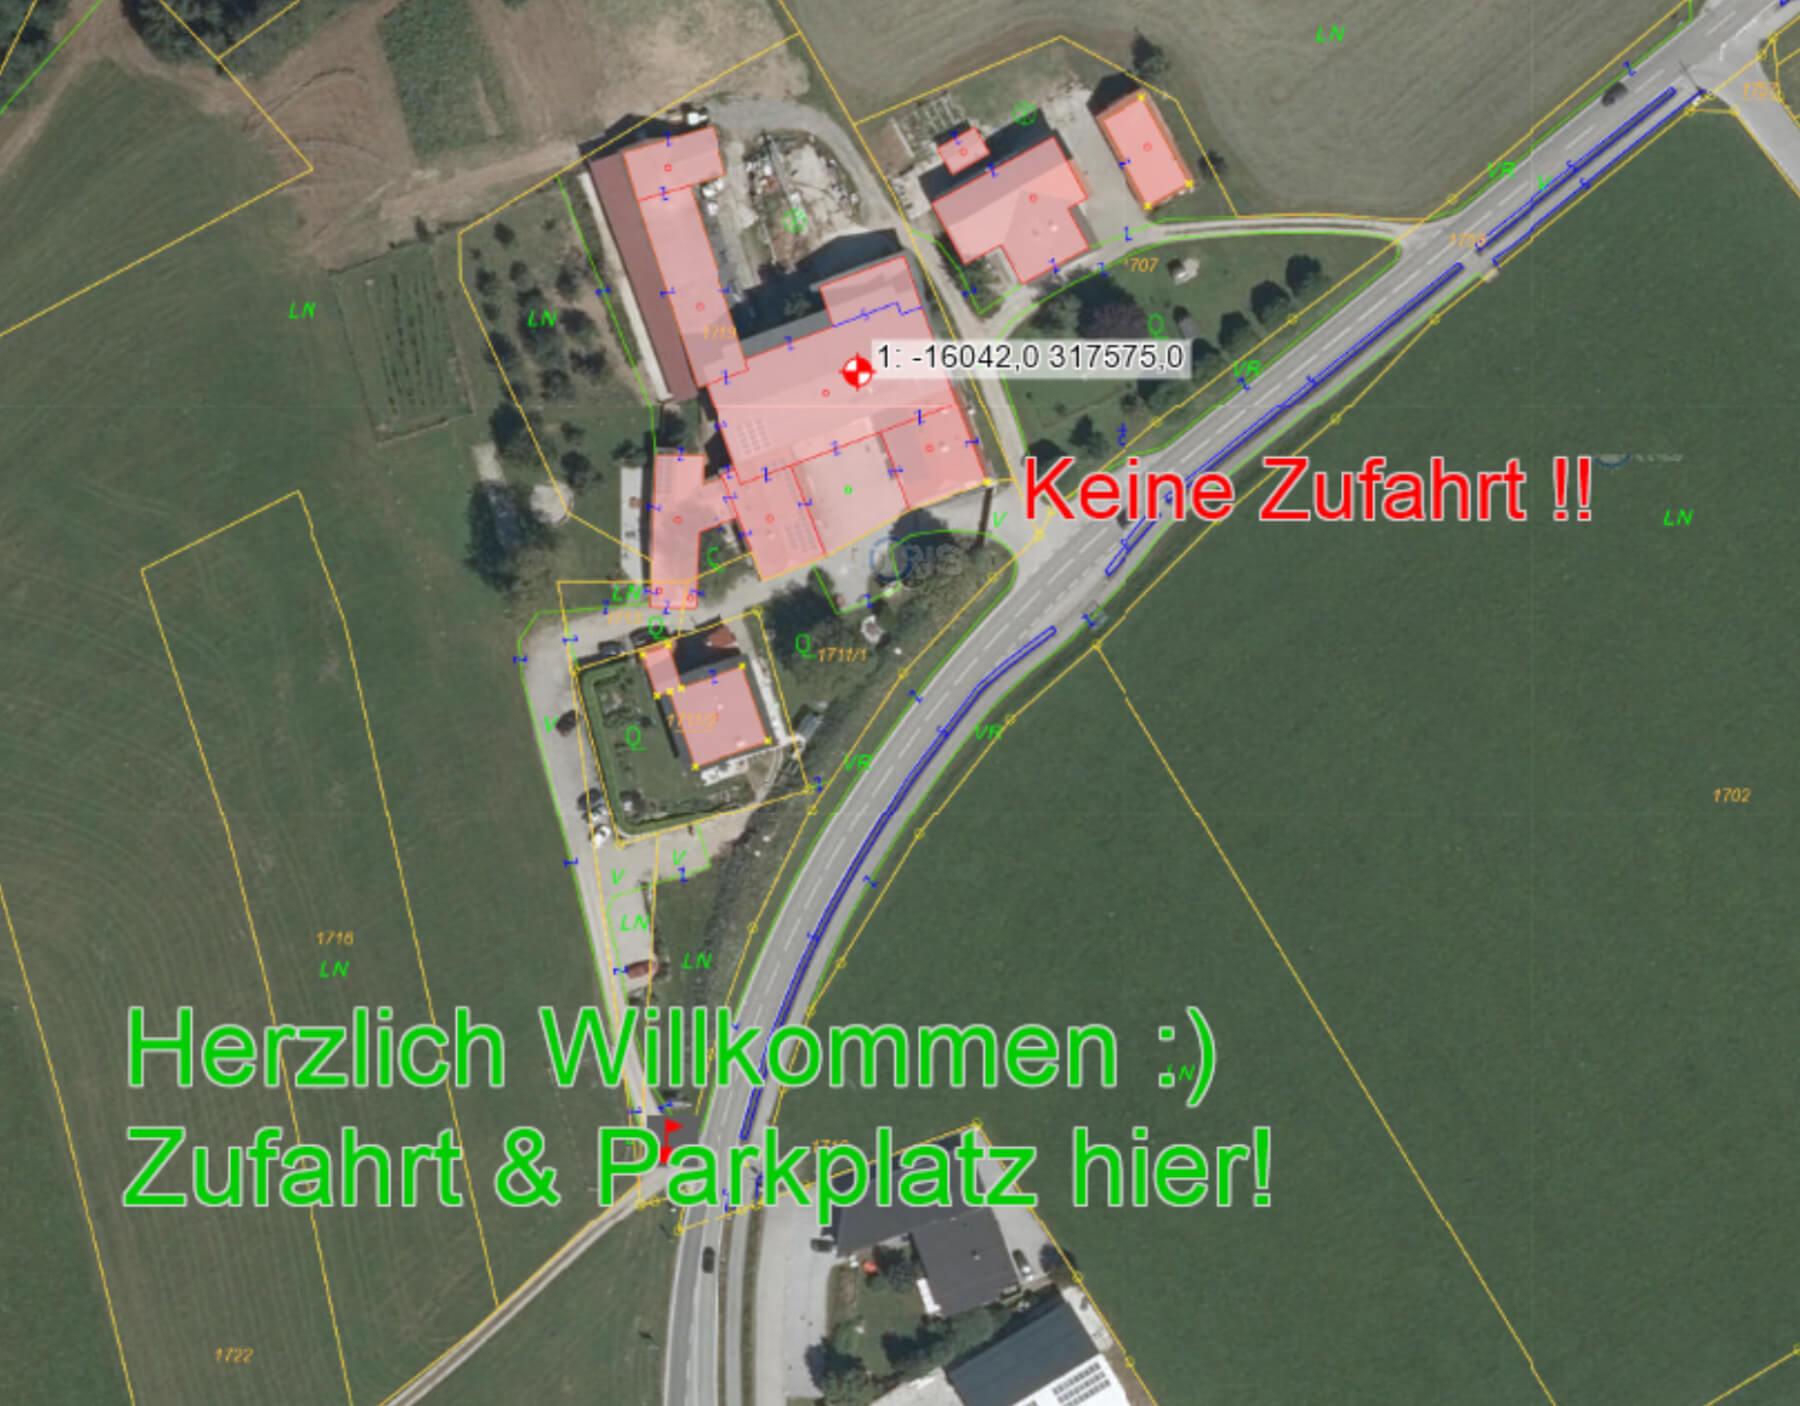 parkplatz-2